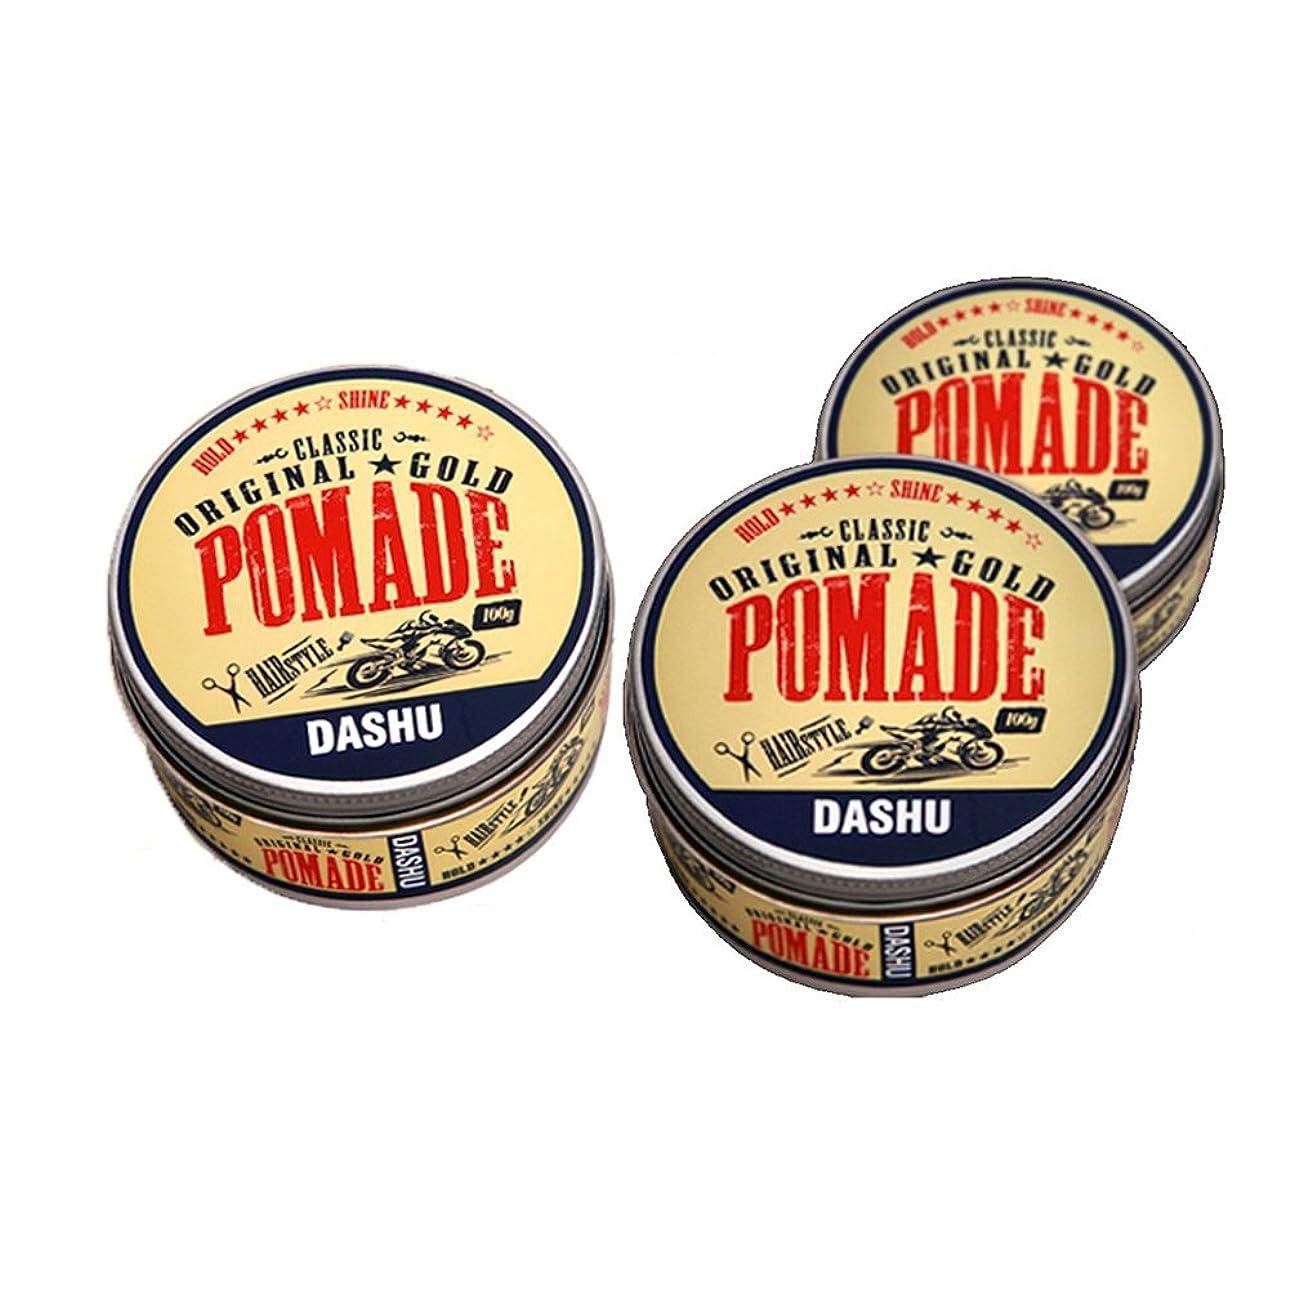 腸ブラザー調整可能(3個セット) x [DASHU] ダシュ クラシックオリジナルゴールドポマードヘアワックス Classic Original Gold Pomade Hair Wax 100ml / 韓国製 . 韓国直送品